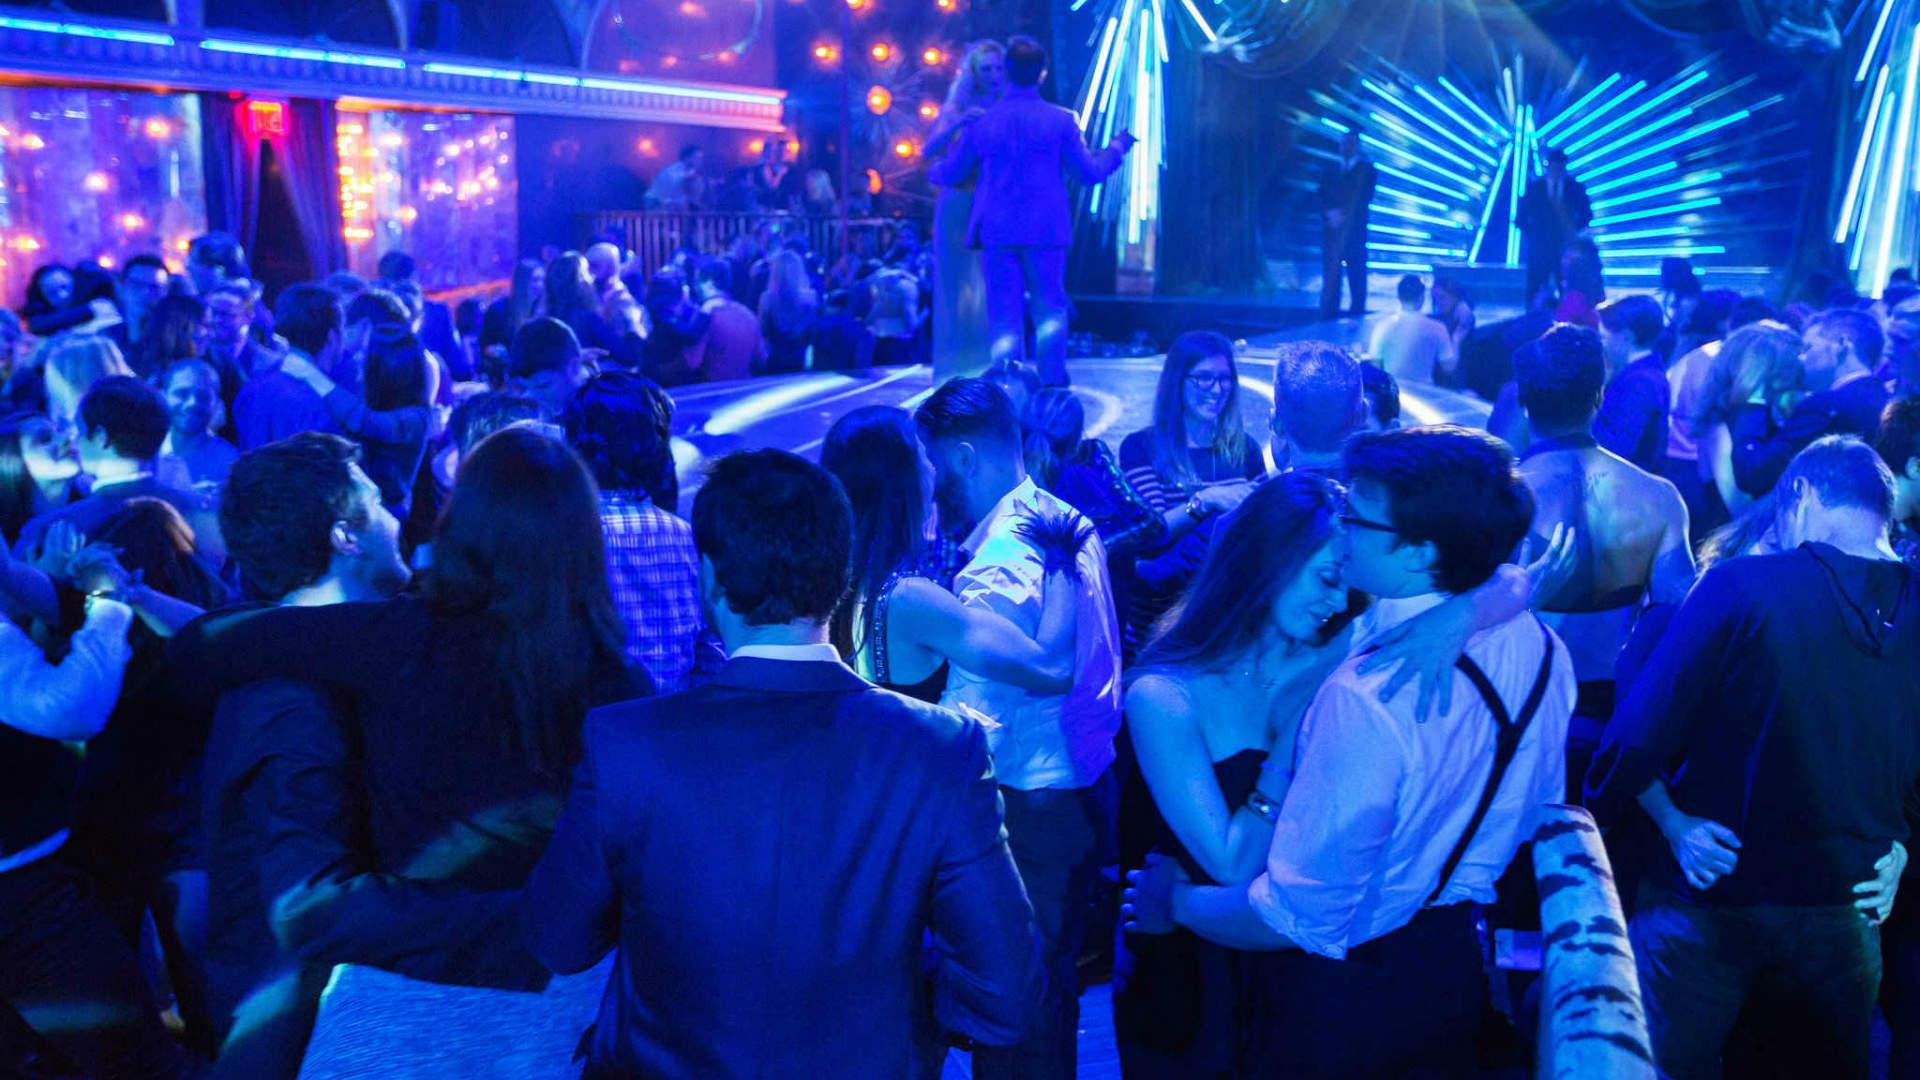 дискотека и танцы в ресторане. сон про путешествия во времени